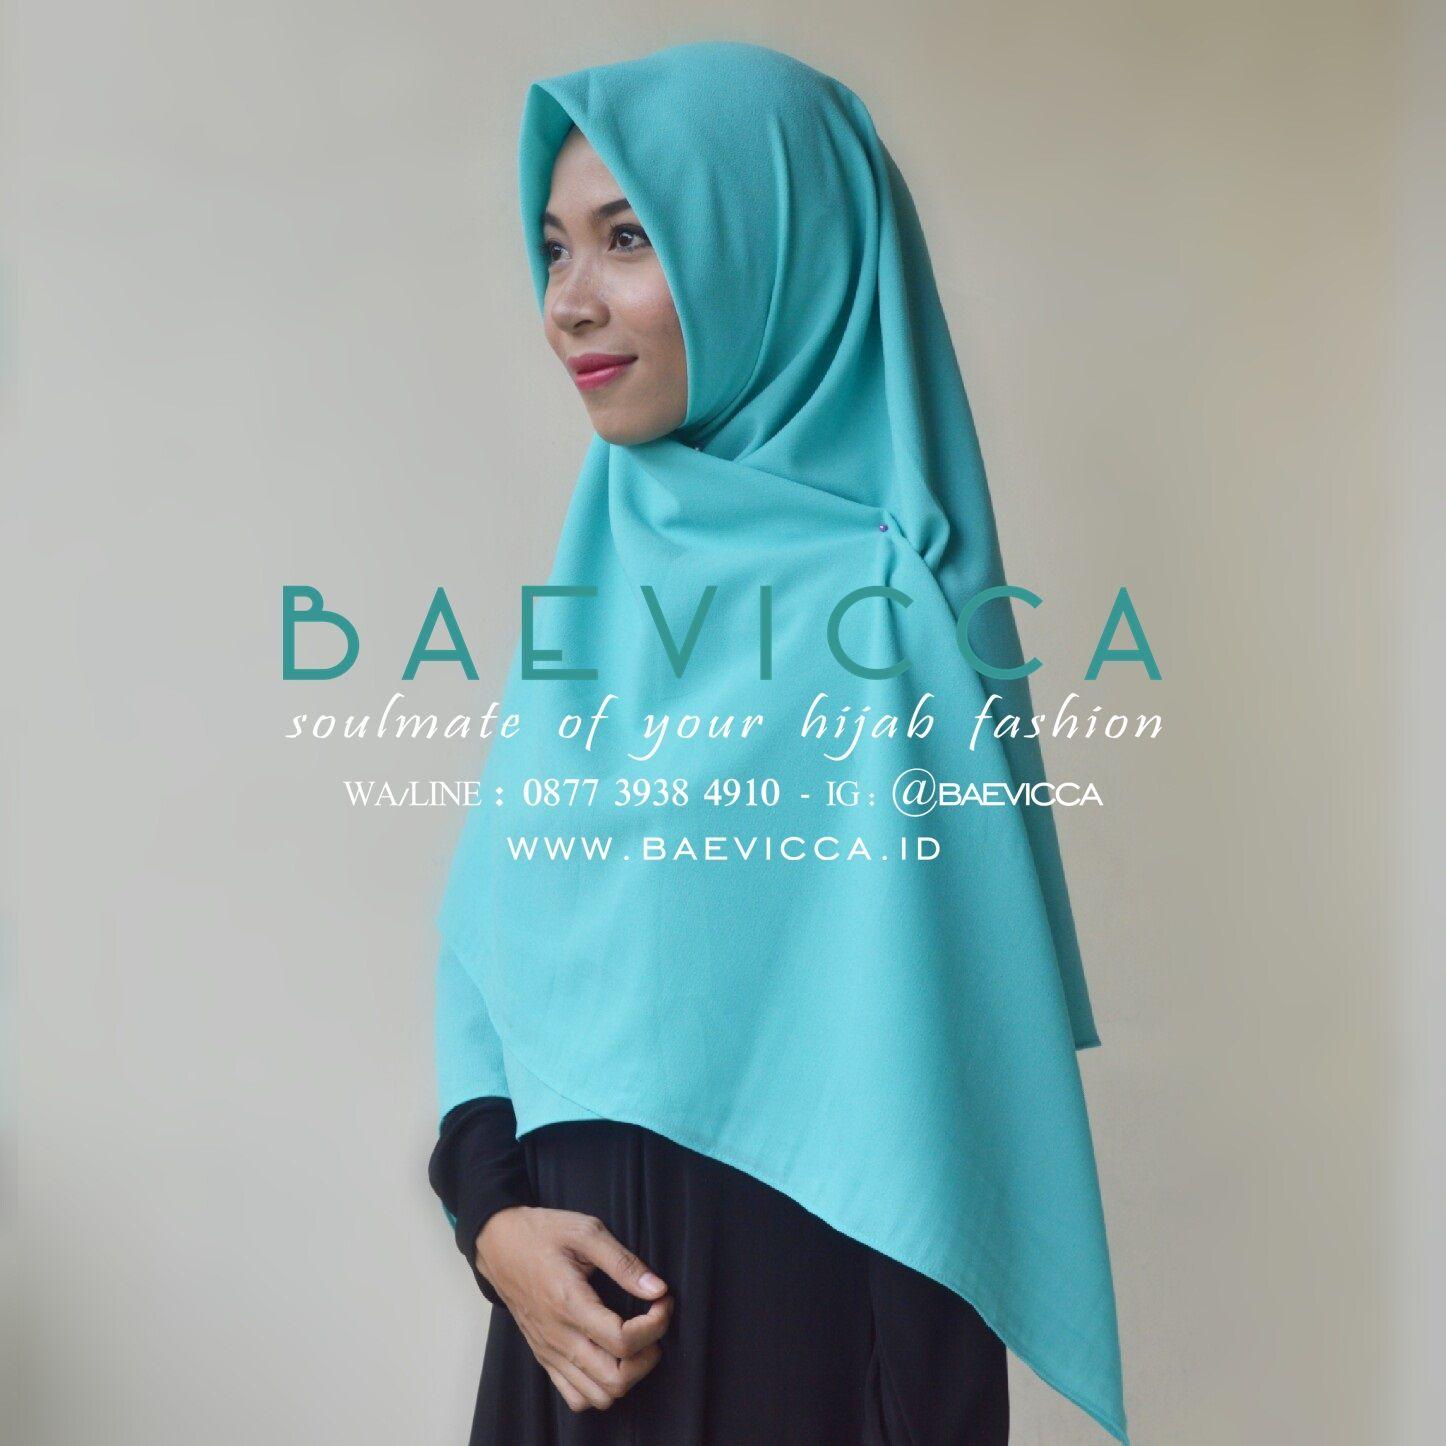 square hijab pusat grosir hijab syar i grosir kerudung anak murah hijab instan